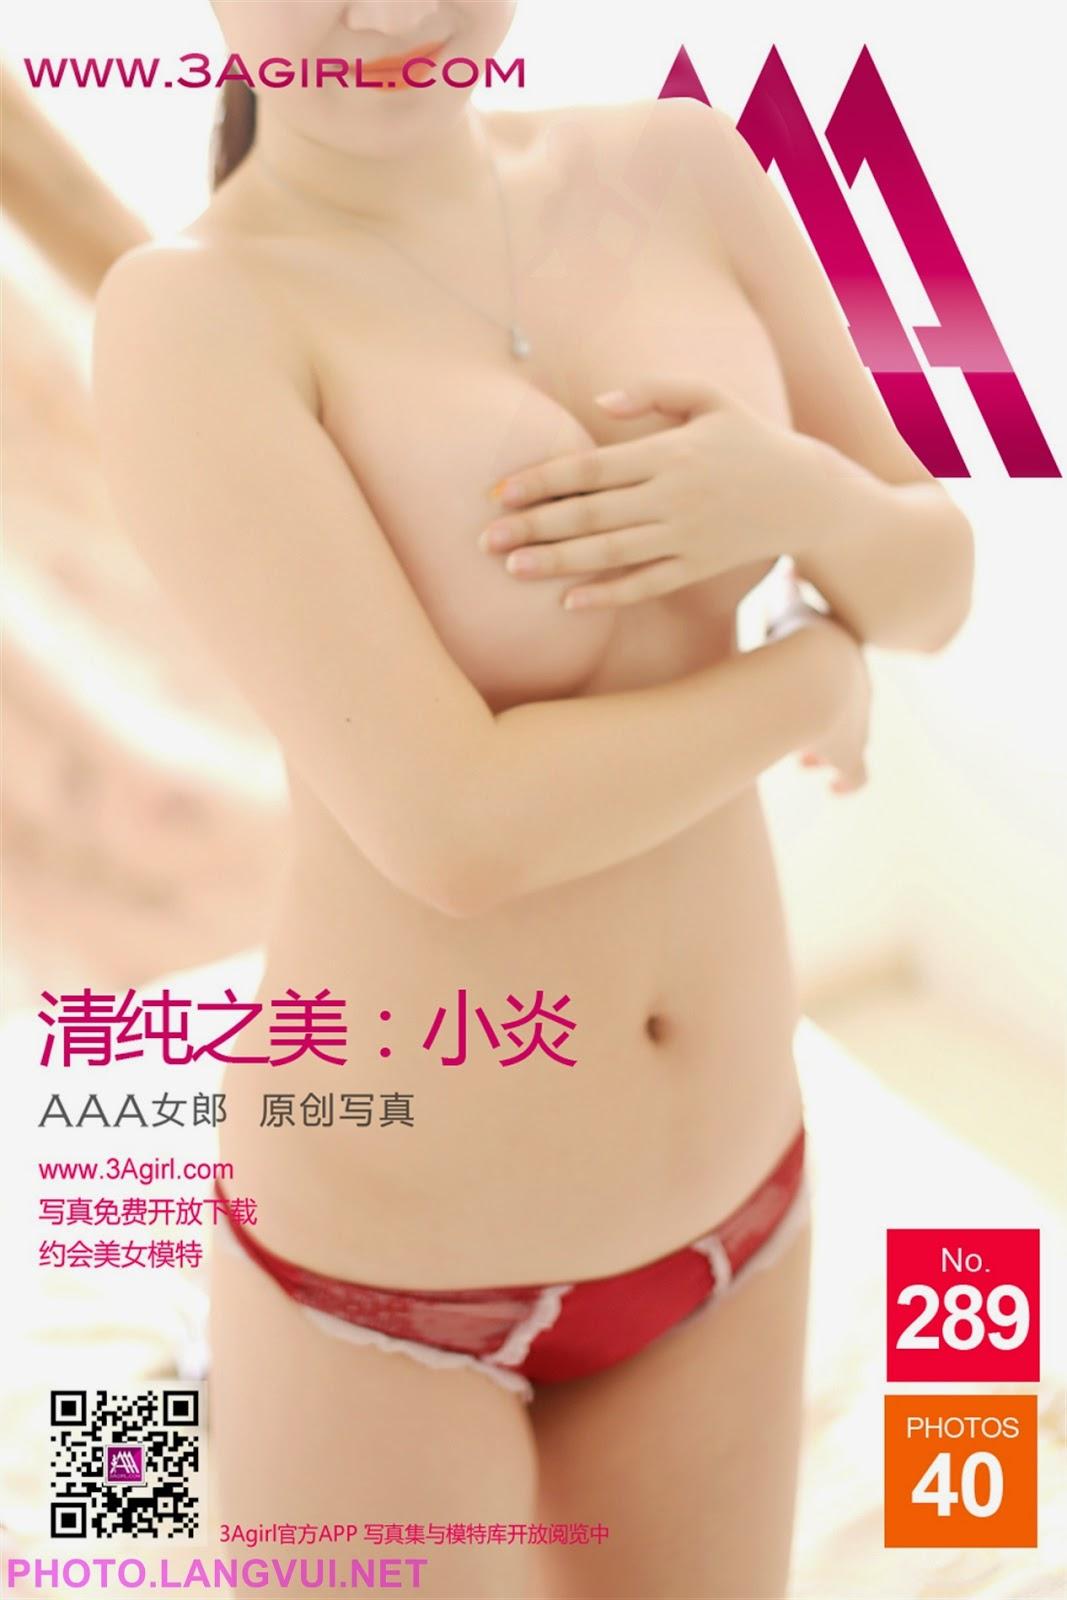 AAAgirl 3Agirl No-289